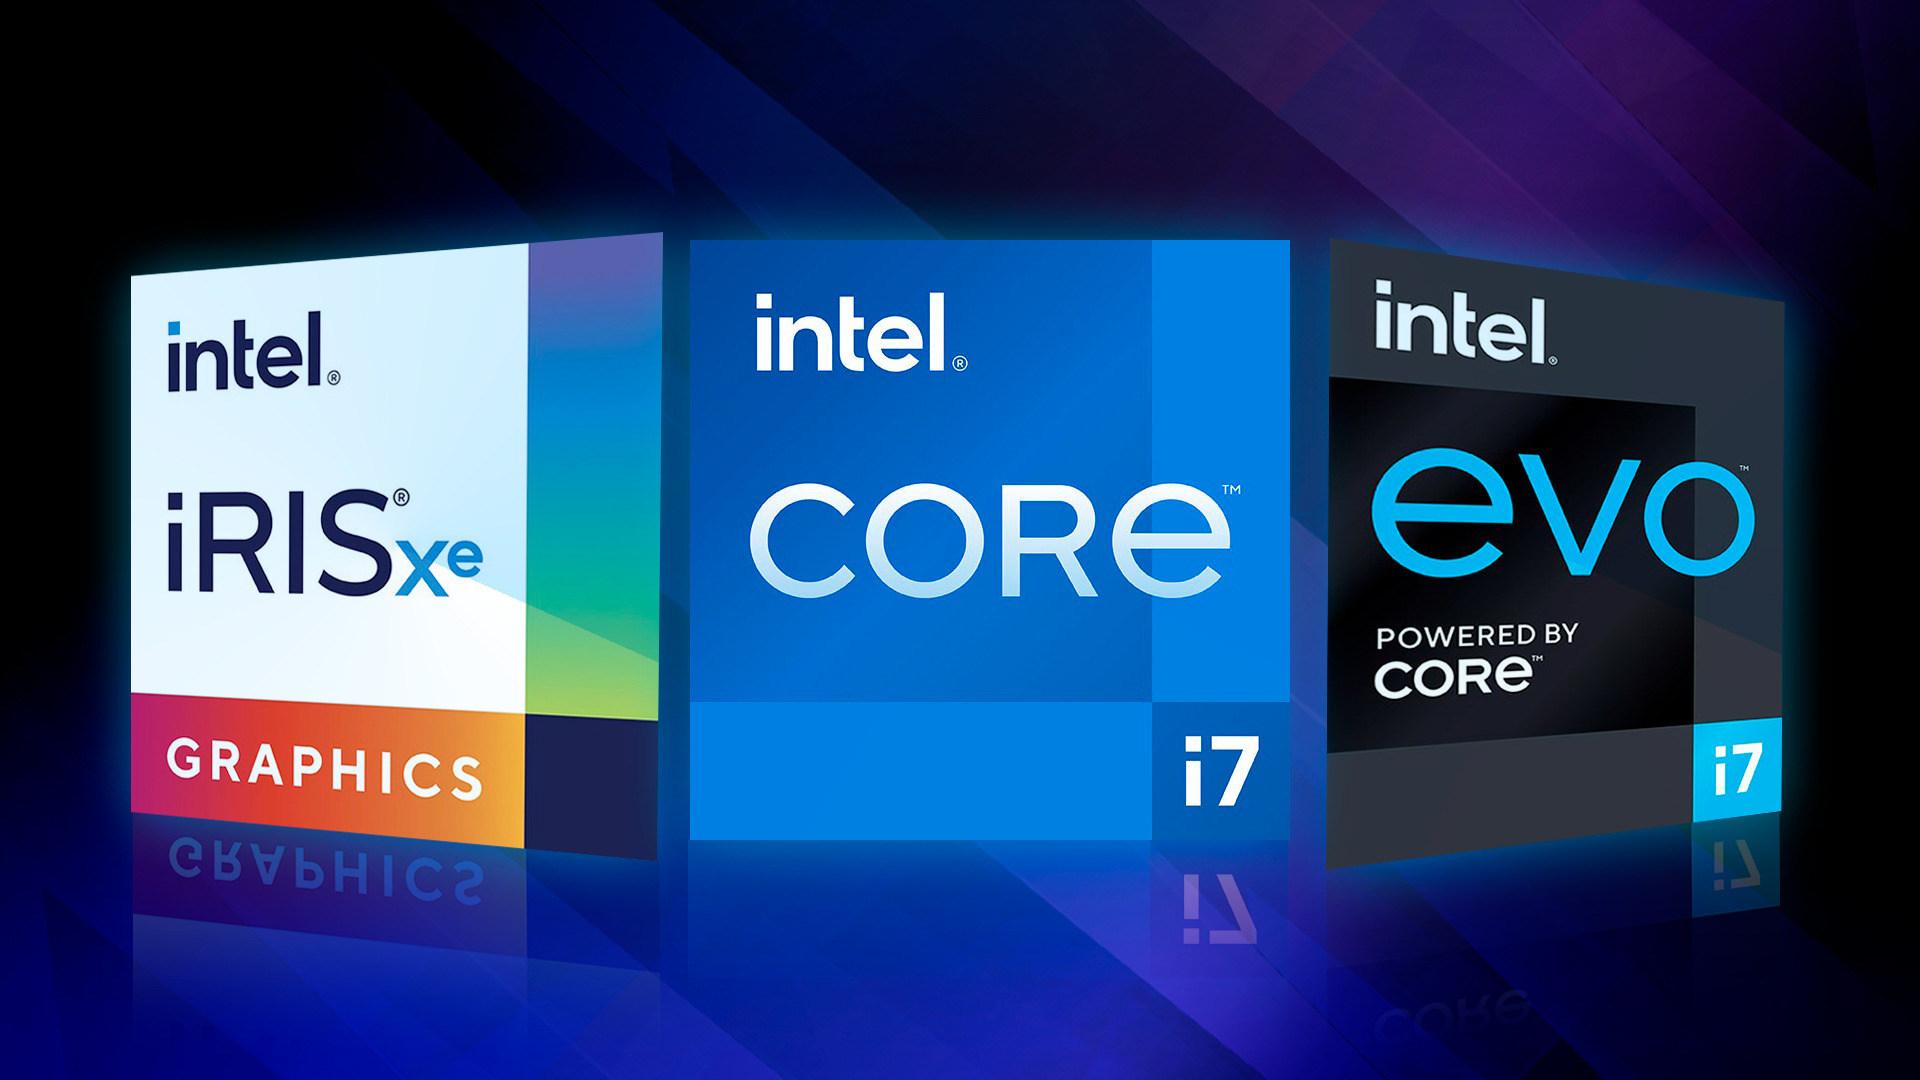 Intel, Prozessor, Cpu, Prozessoren, Intel Core i7, Core i7, Intel CPU, Iris, Intel Iris Xe, Intel Iris, Intel Evo, Intel Evo Core, Evo Core